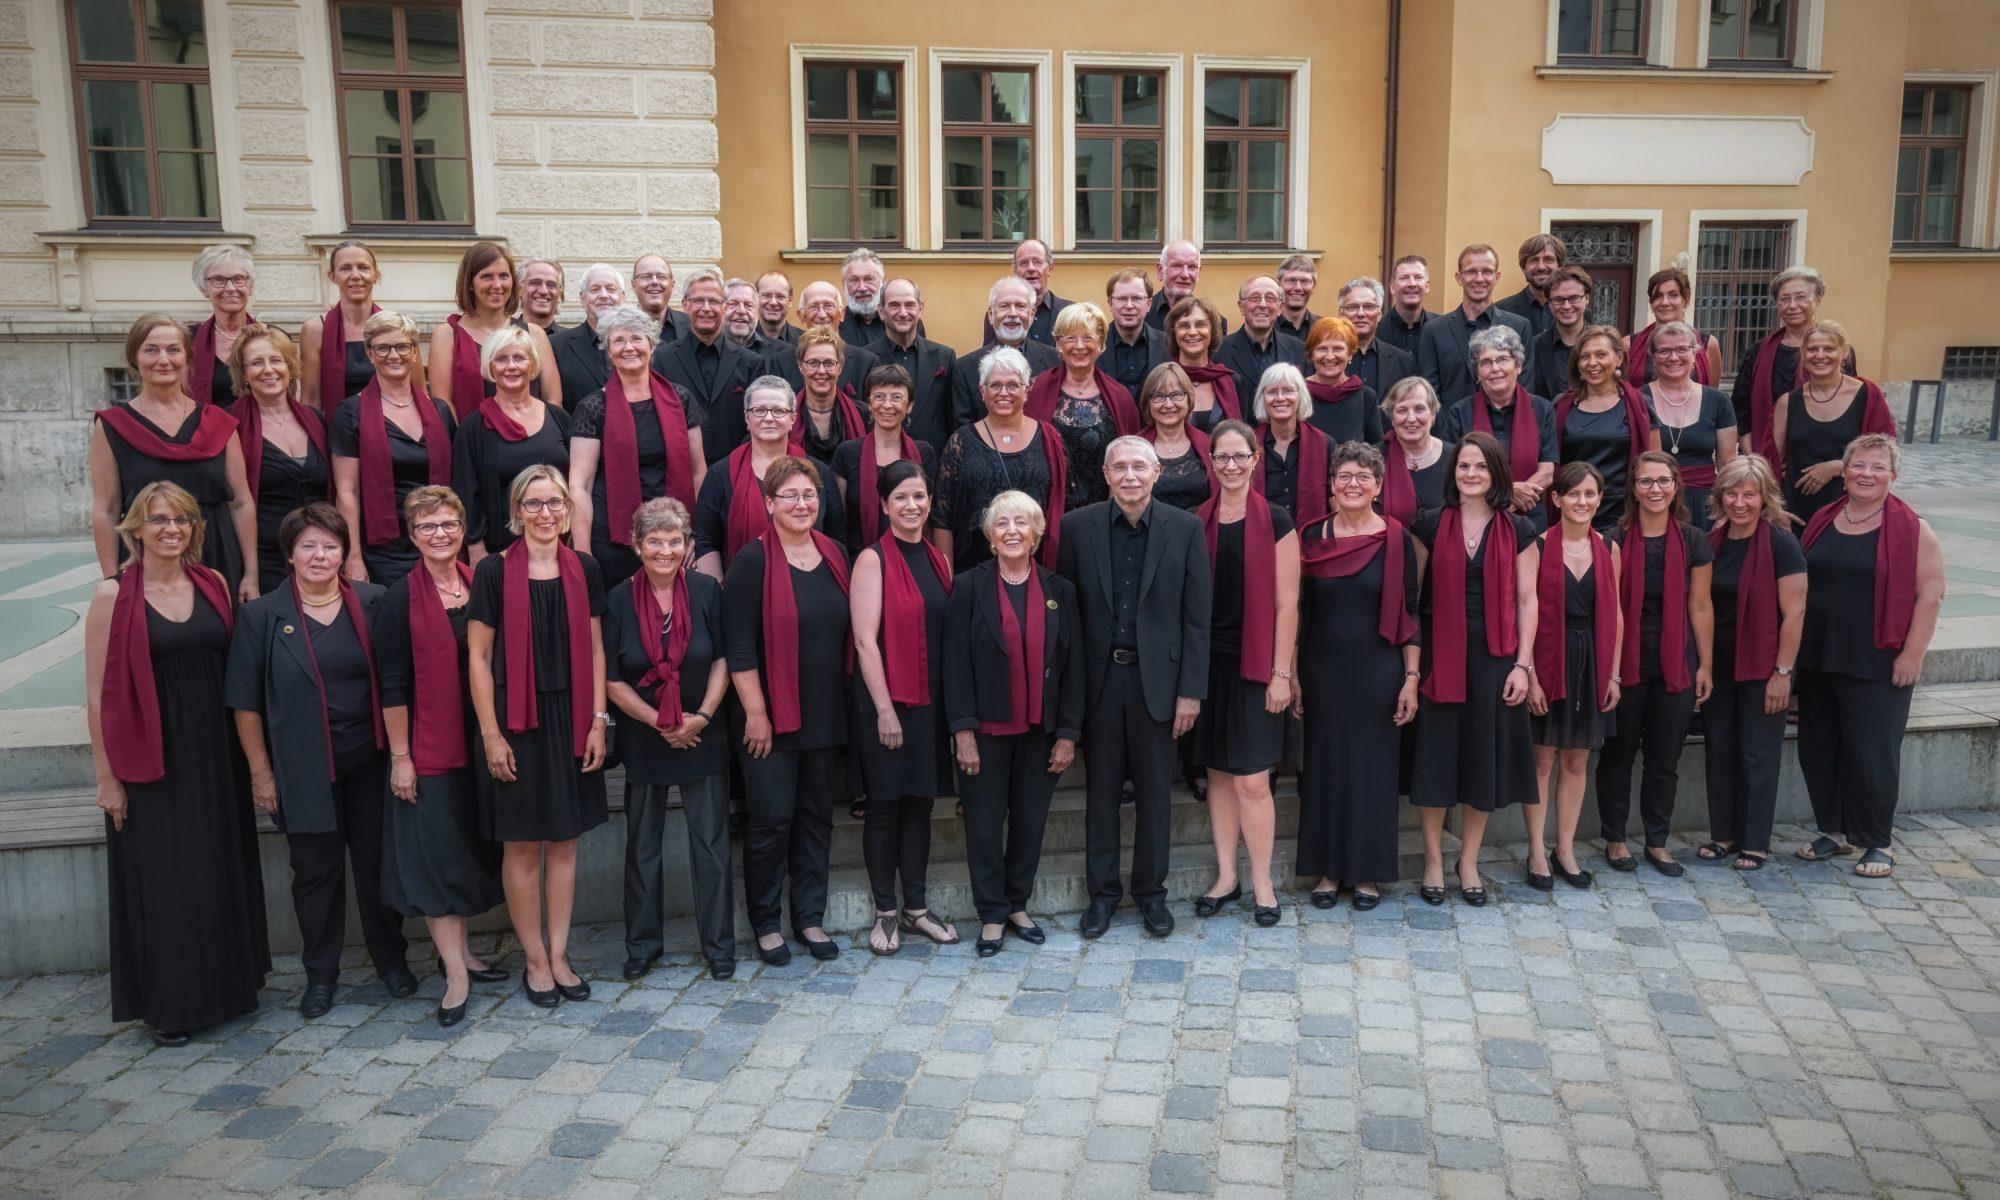 Madrigalchor bei St. Anna – Augsburg